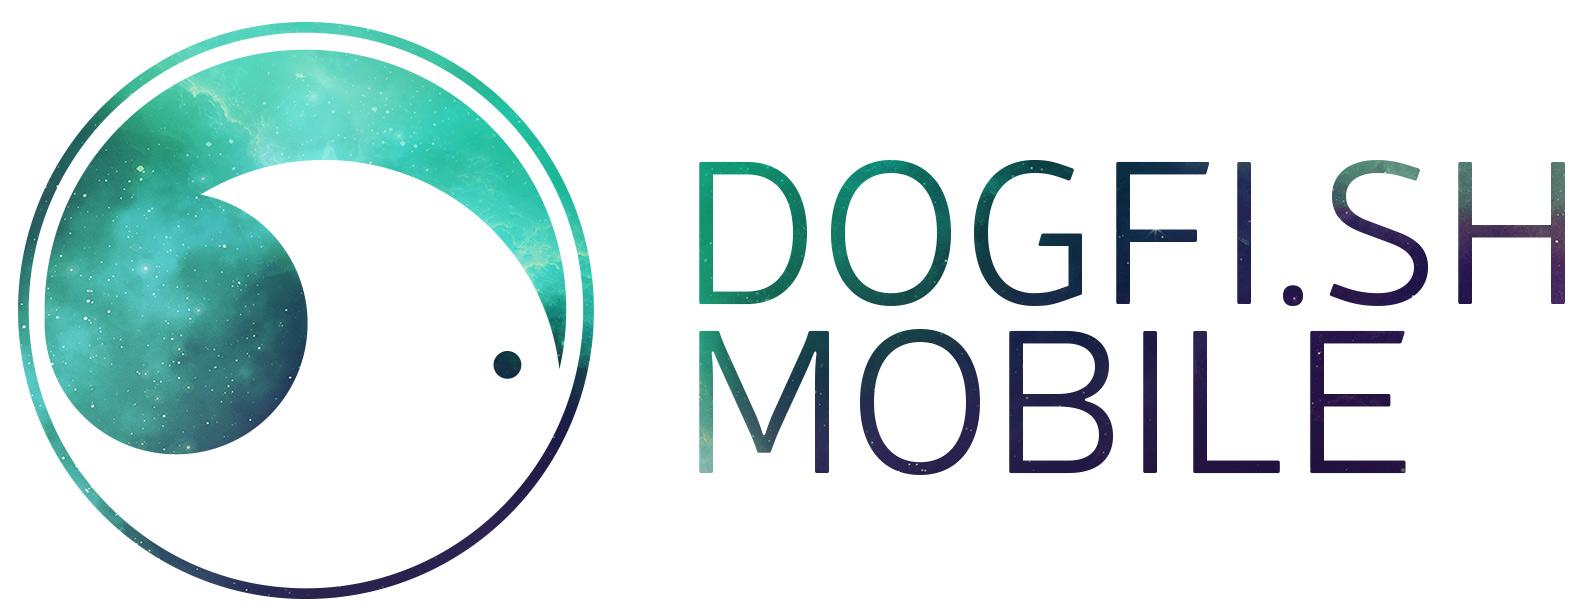 DOGFI.SH-Mobile---Cvent